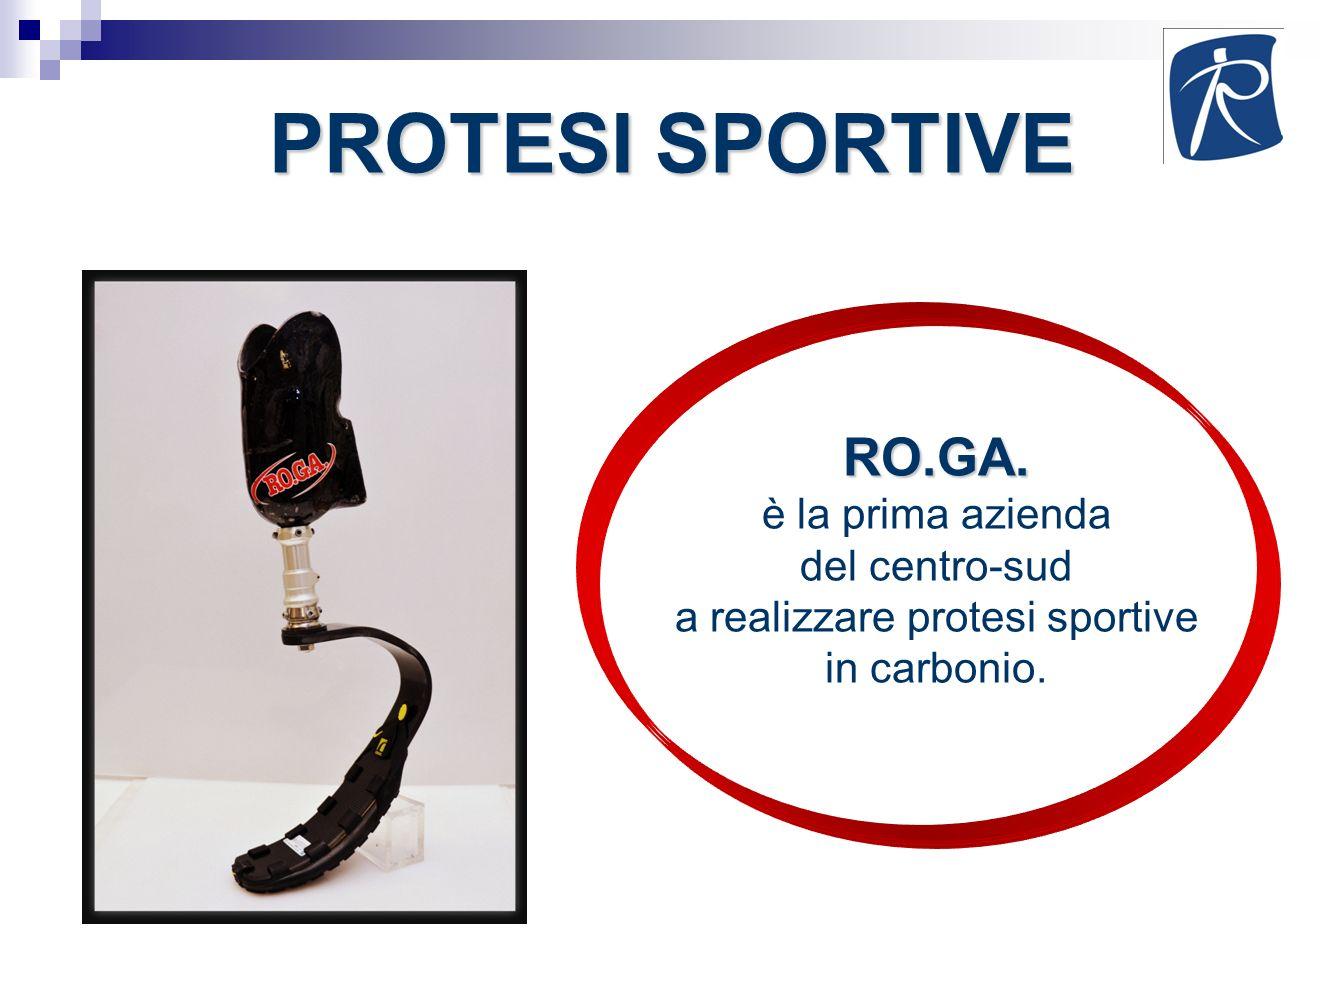 PROTESI SPORTIVE RO.GA. è la prima azienda del centro-sud a realizzare protesi sportive in carbonio.